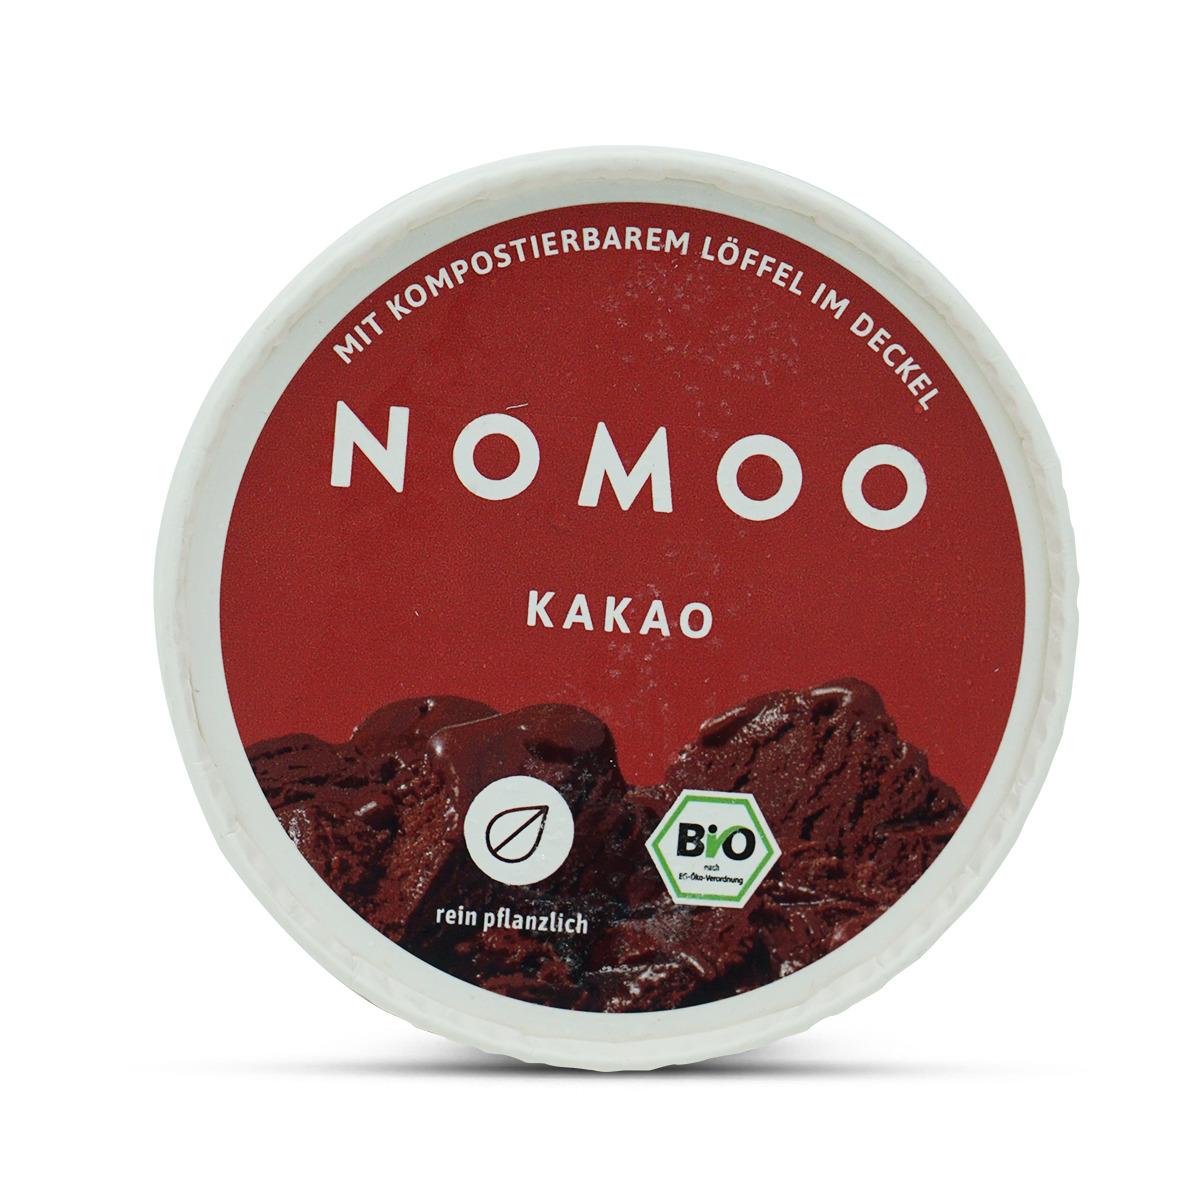 Nomoo Kakaoeis